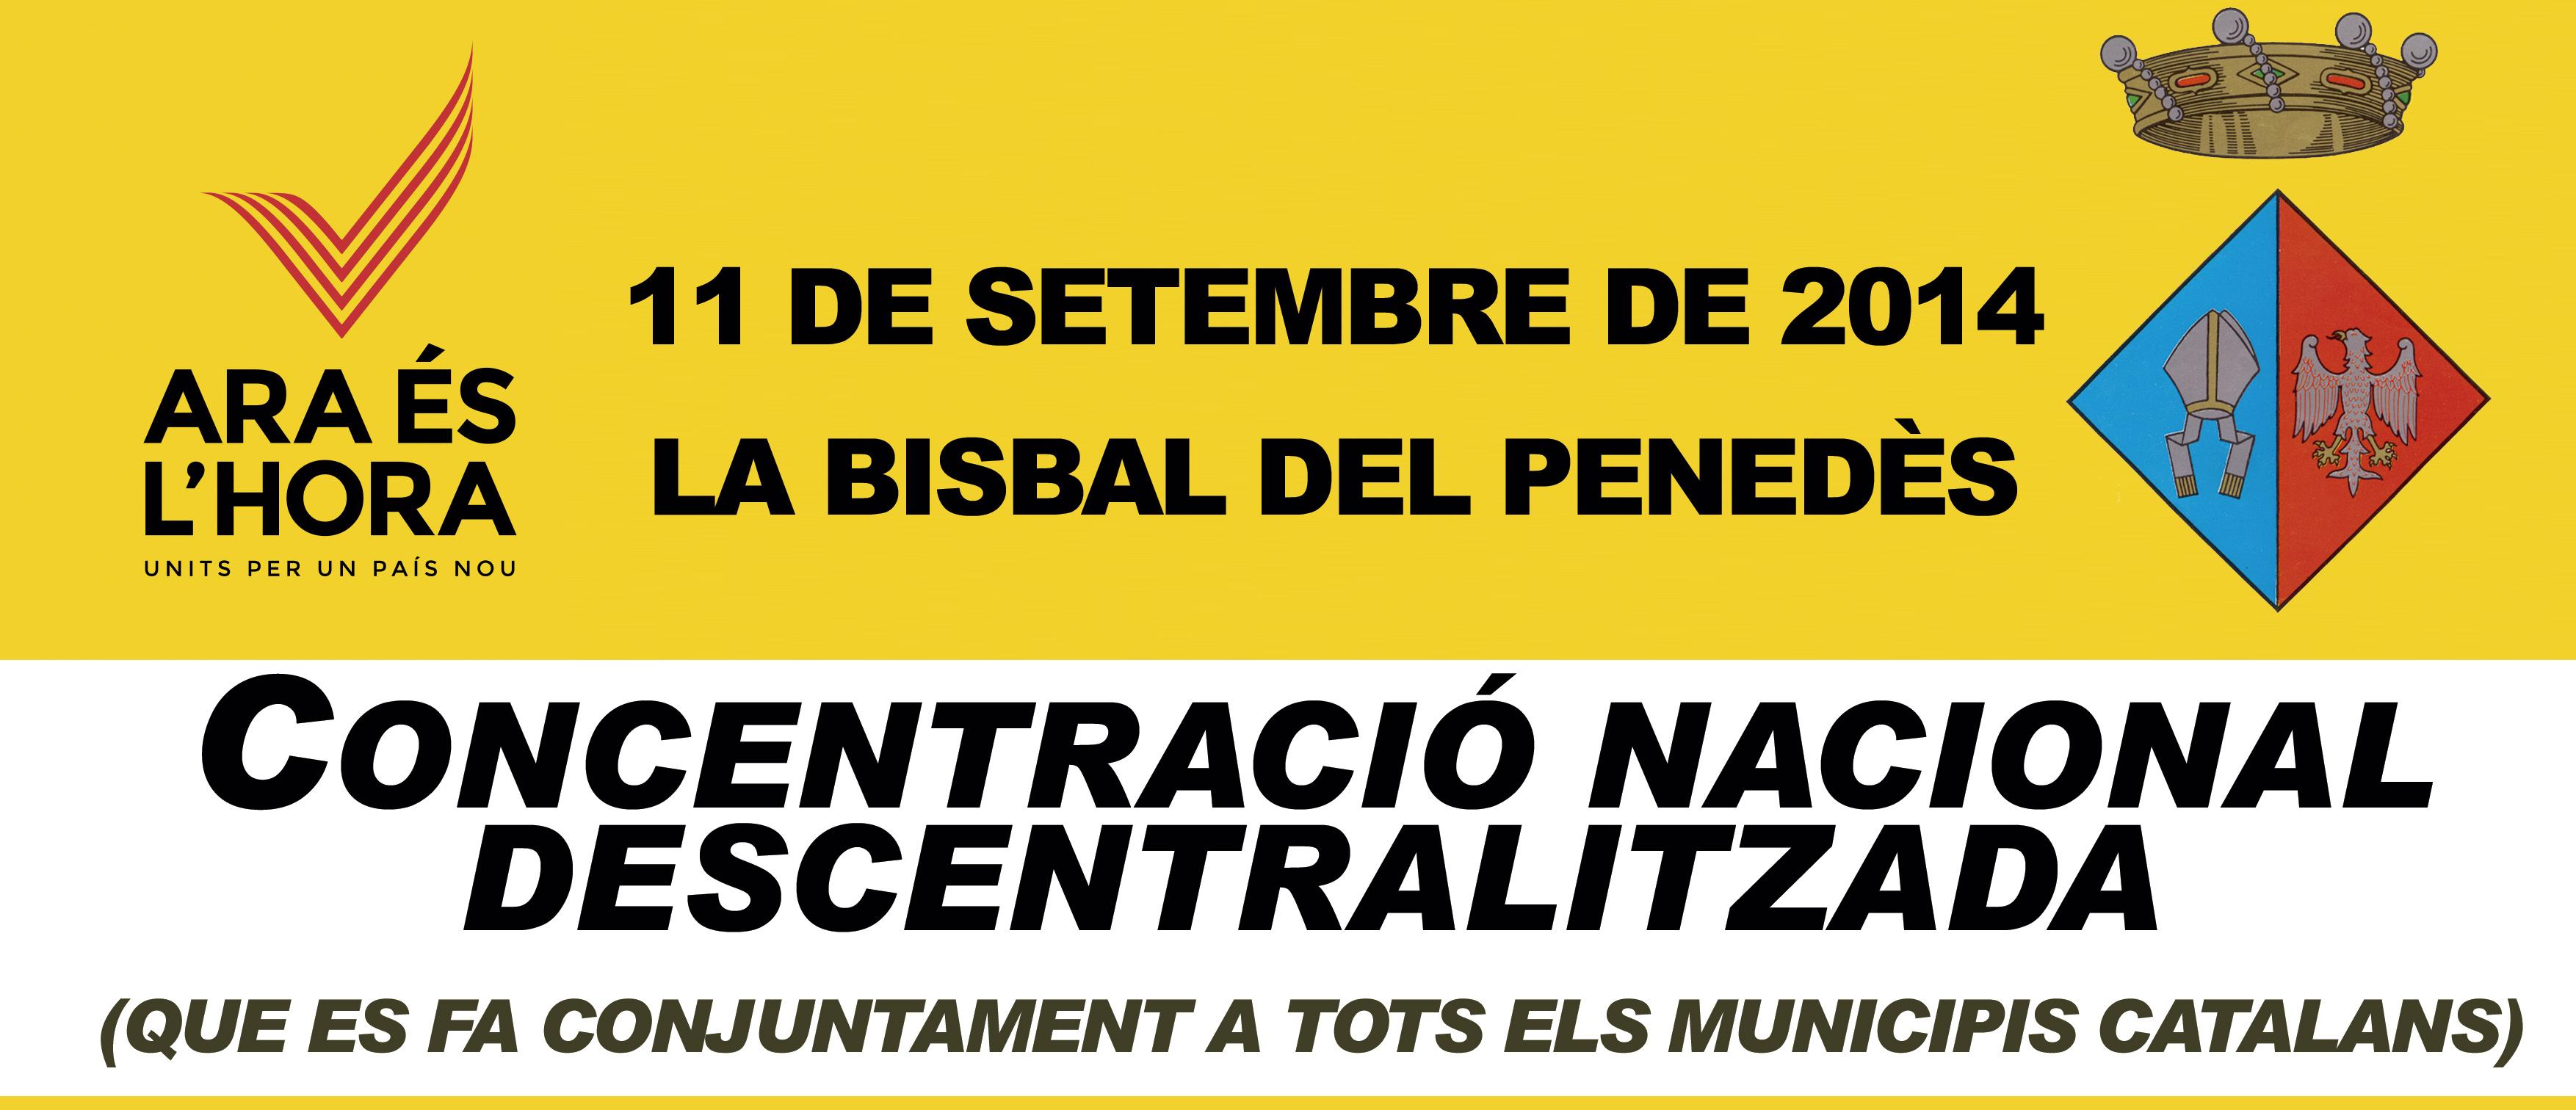 11 de setembre. Concentració nacional descentralitzada